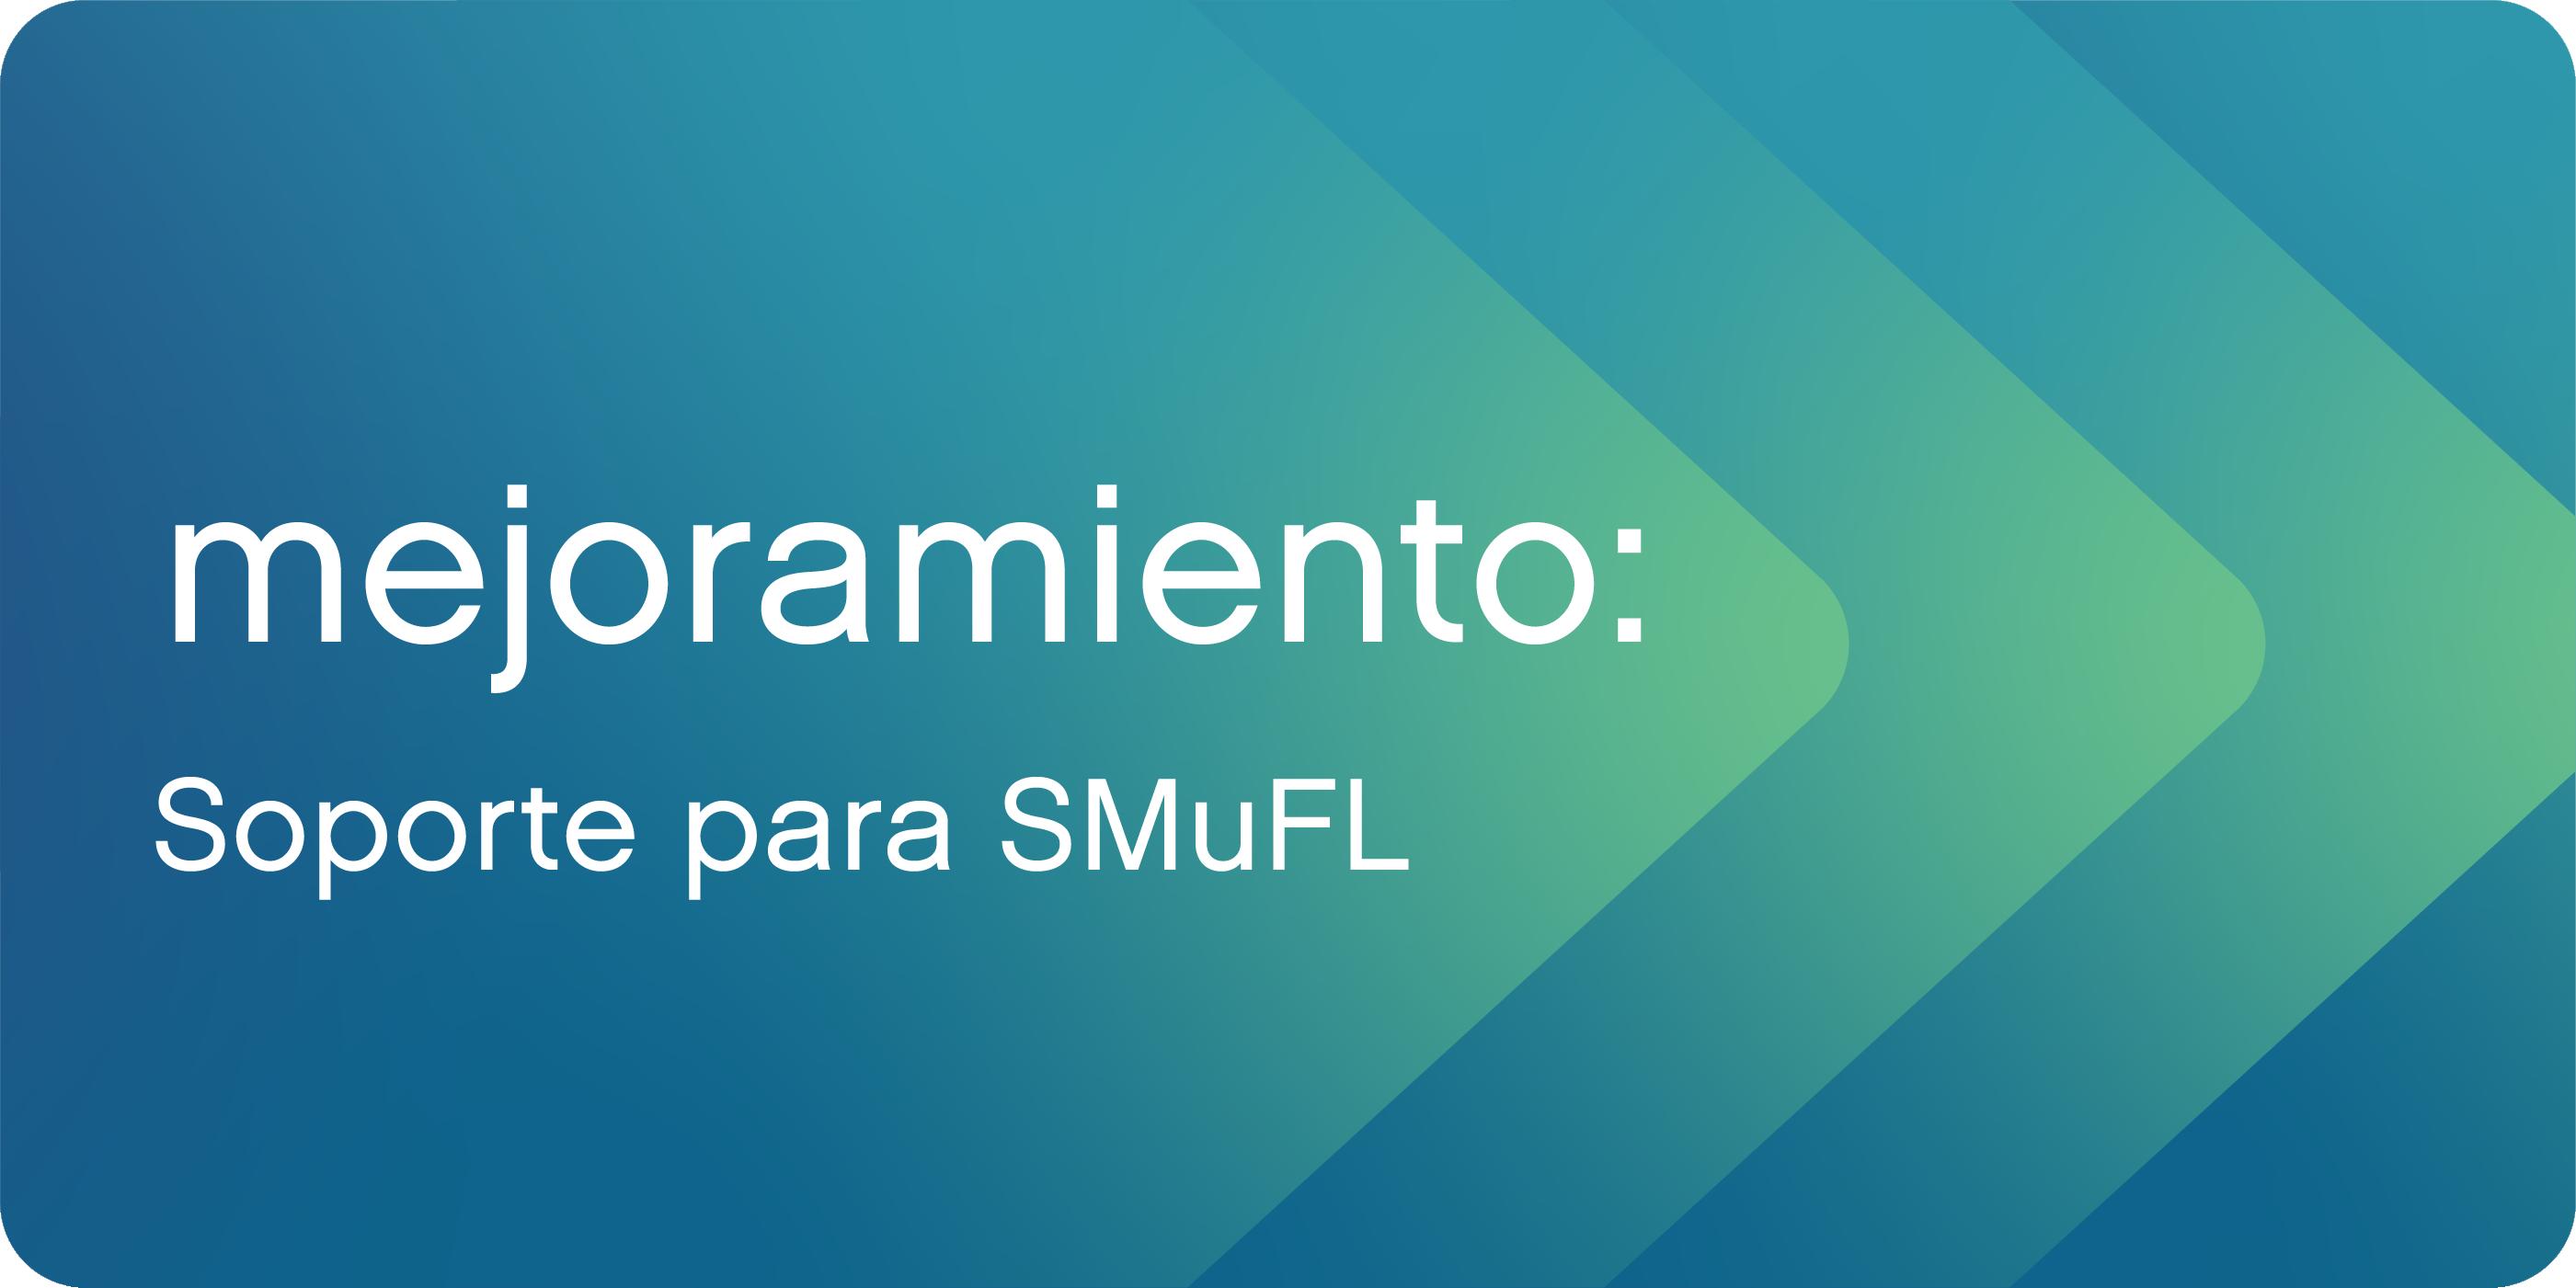 Soporte para SMuFL